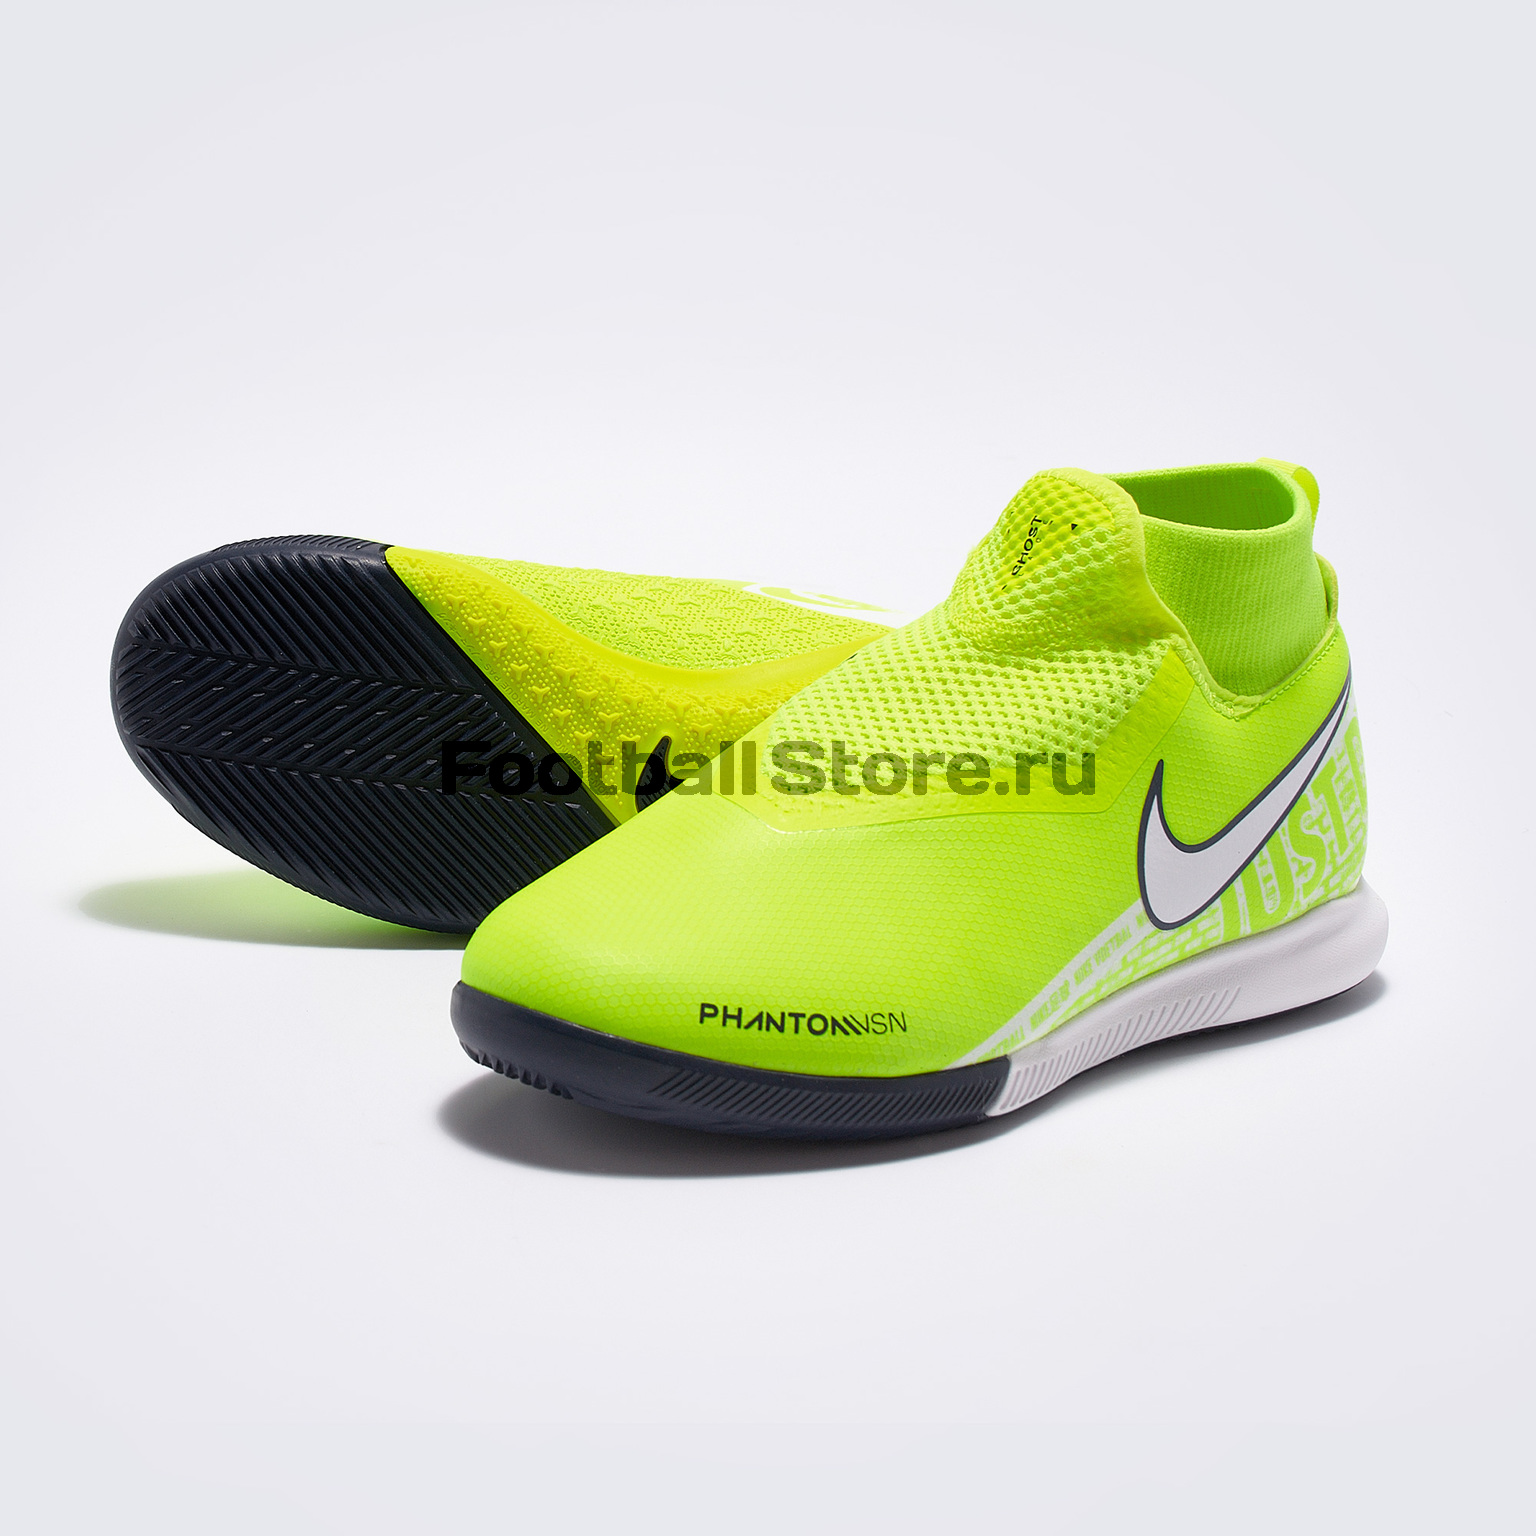 купить Футзалки детские Nike Phantom Vision Academy DF IC AO3290-717 недорого